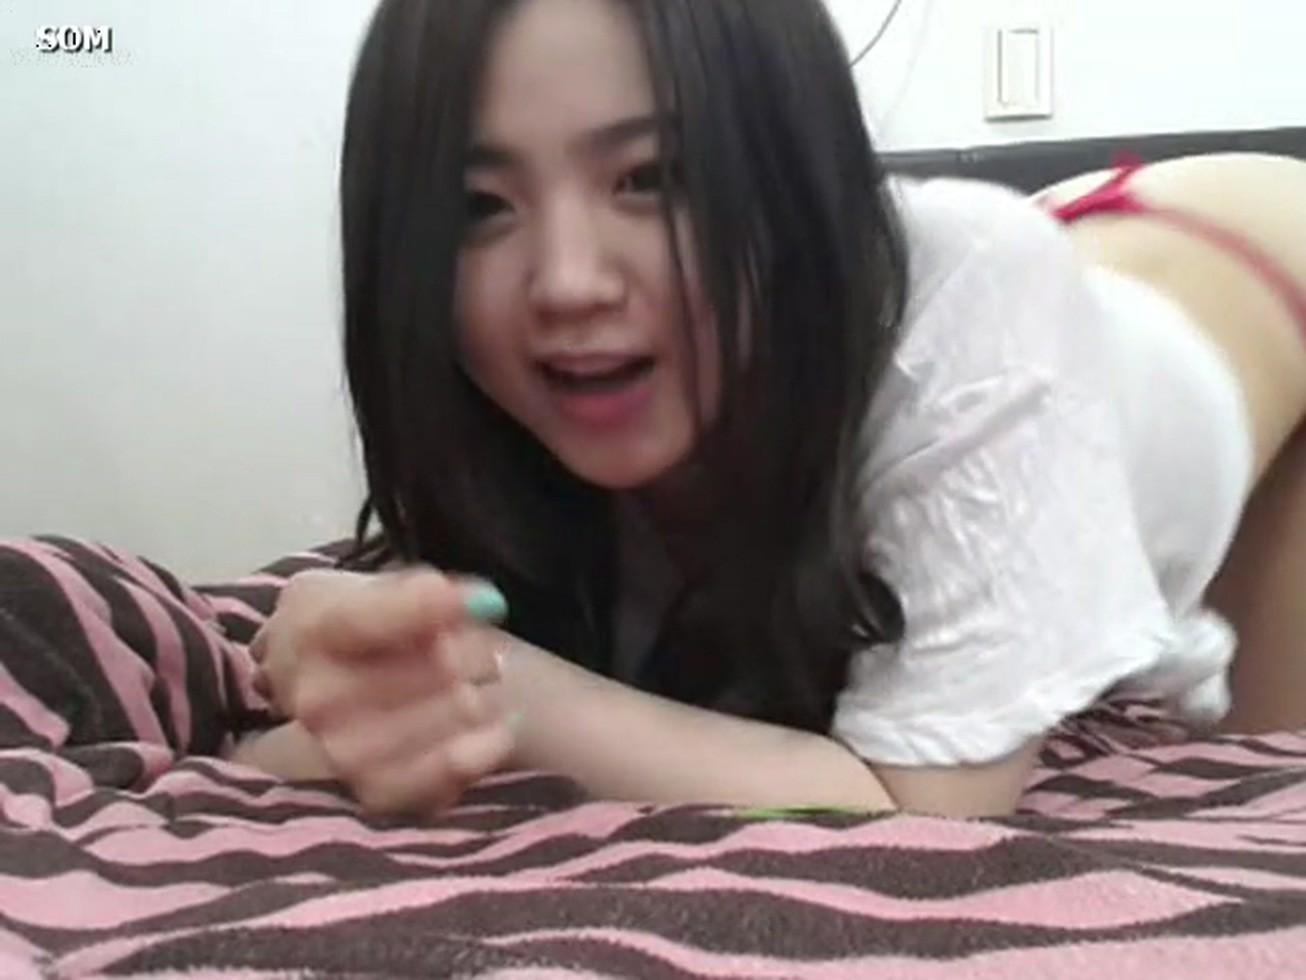 韓国素人さんLIVE配信者さんのサービスがマジキチすぎて笑えない。。。(画像あり)・14枚目